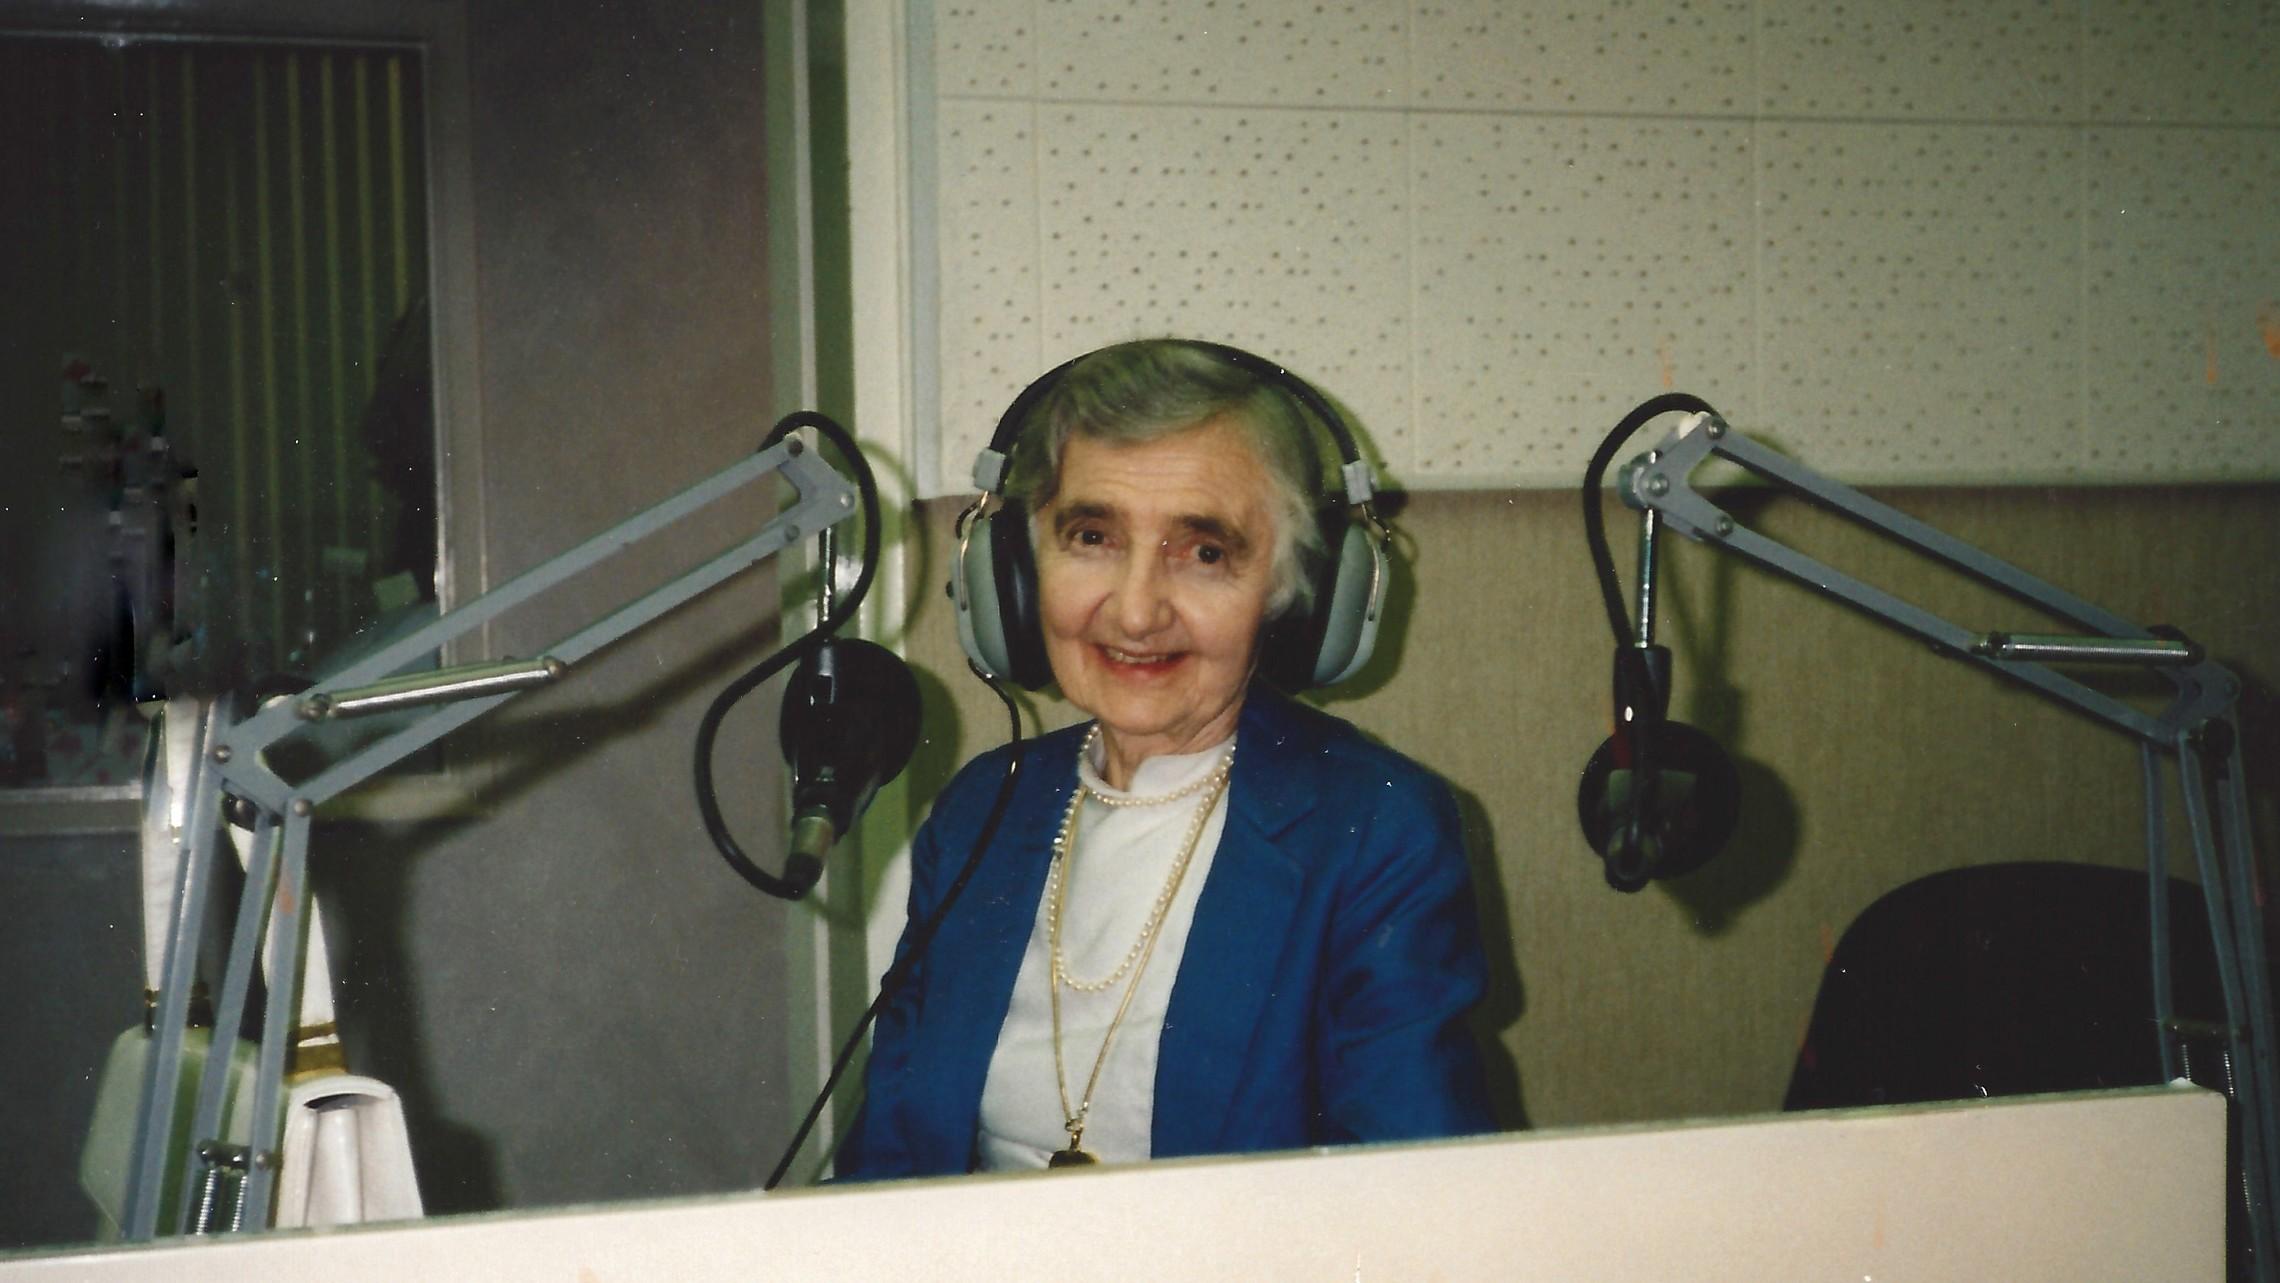 St. Joseph Radio - Alice Von Hildebrand